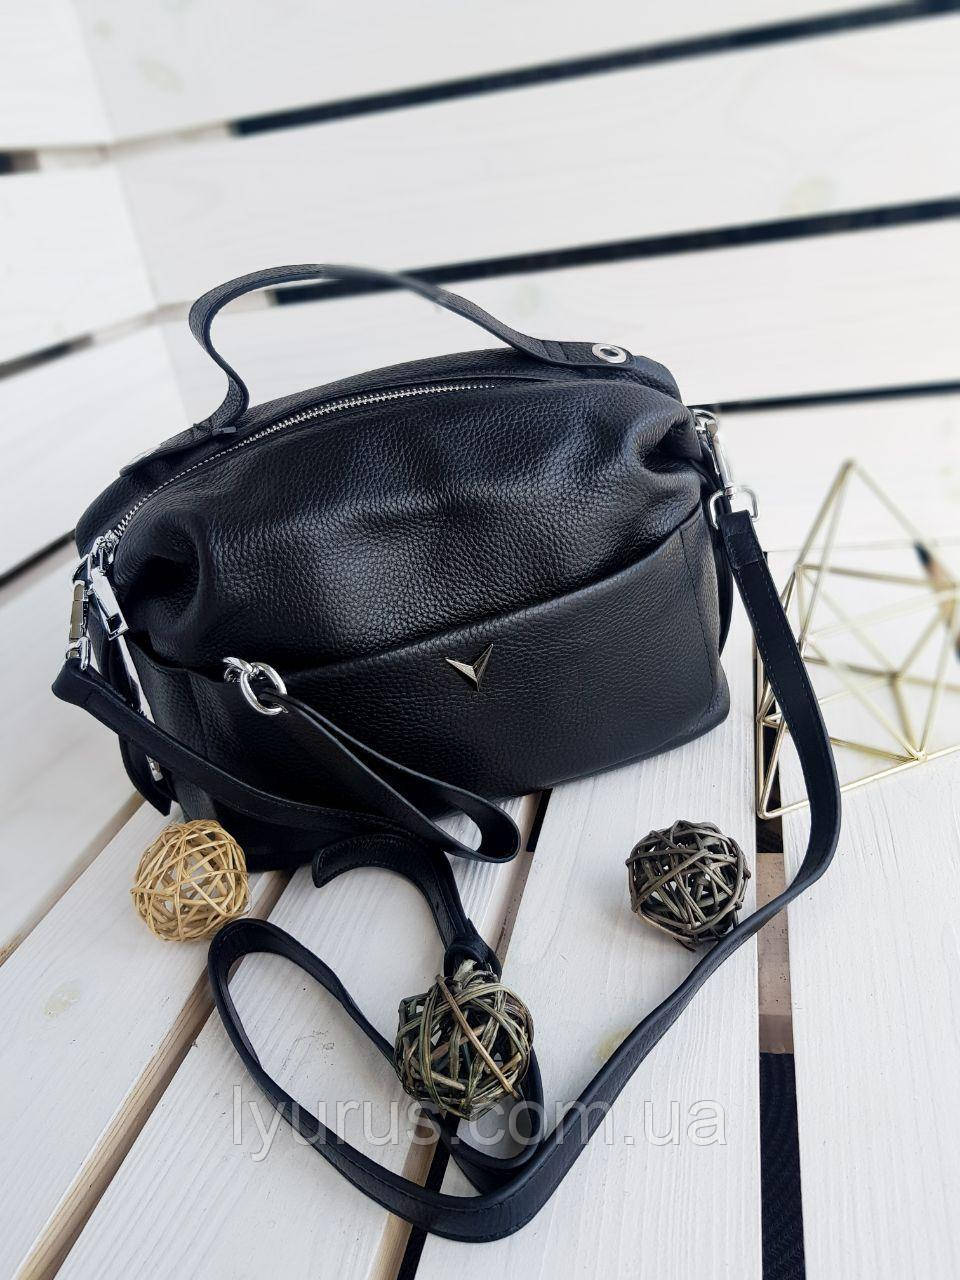 Жіноча шкіряна сумка розміром 24х16х11 см Чорна (01226)